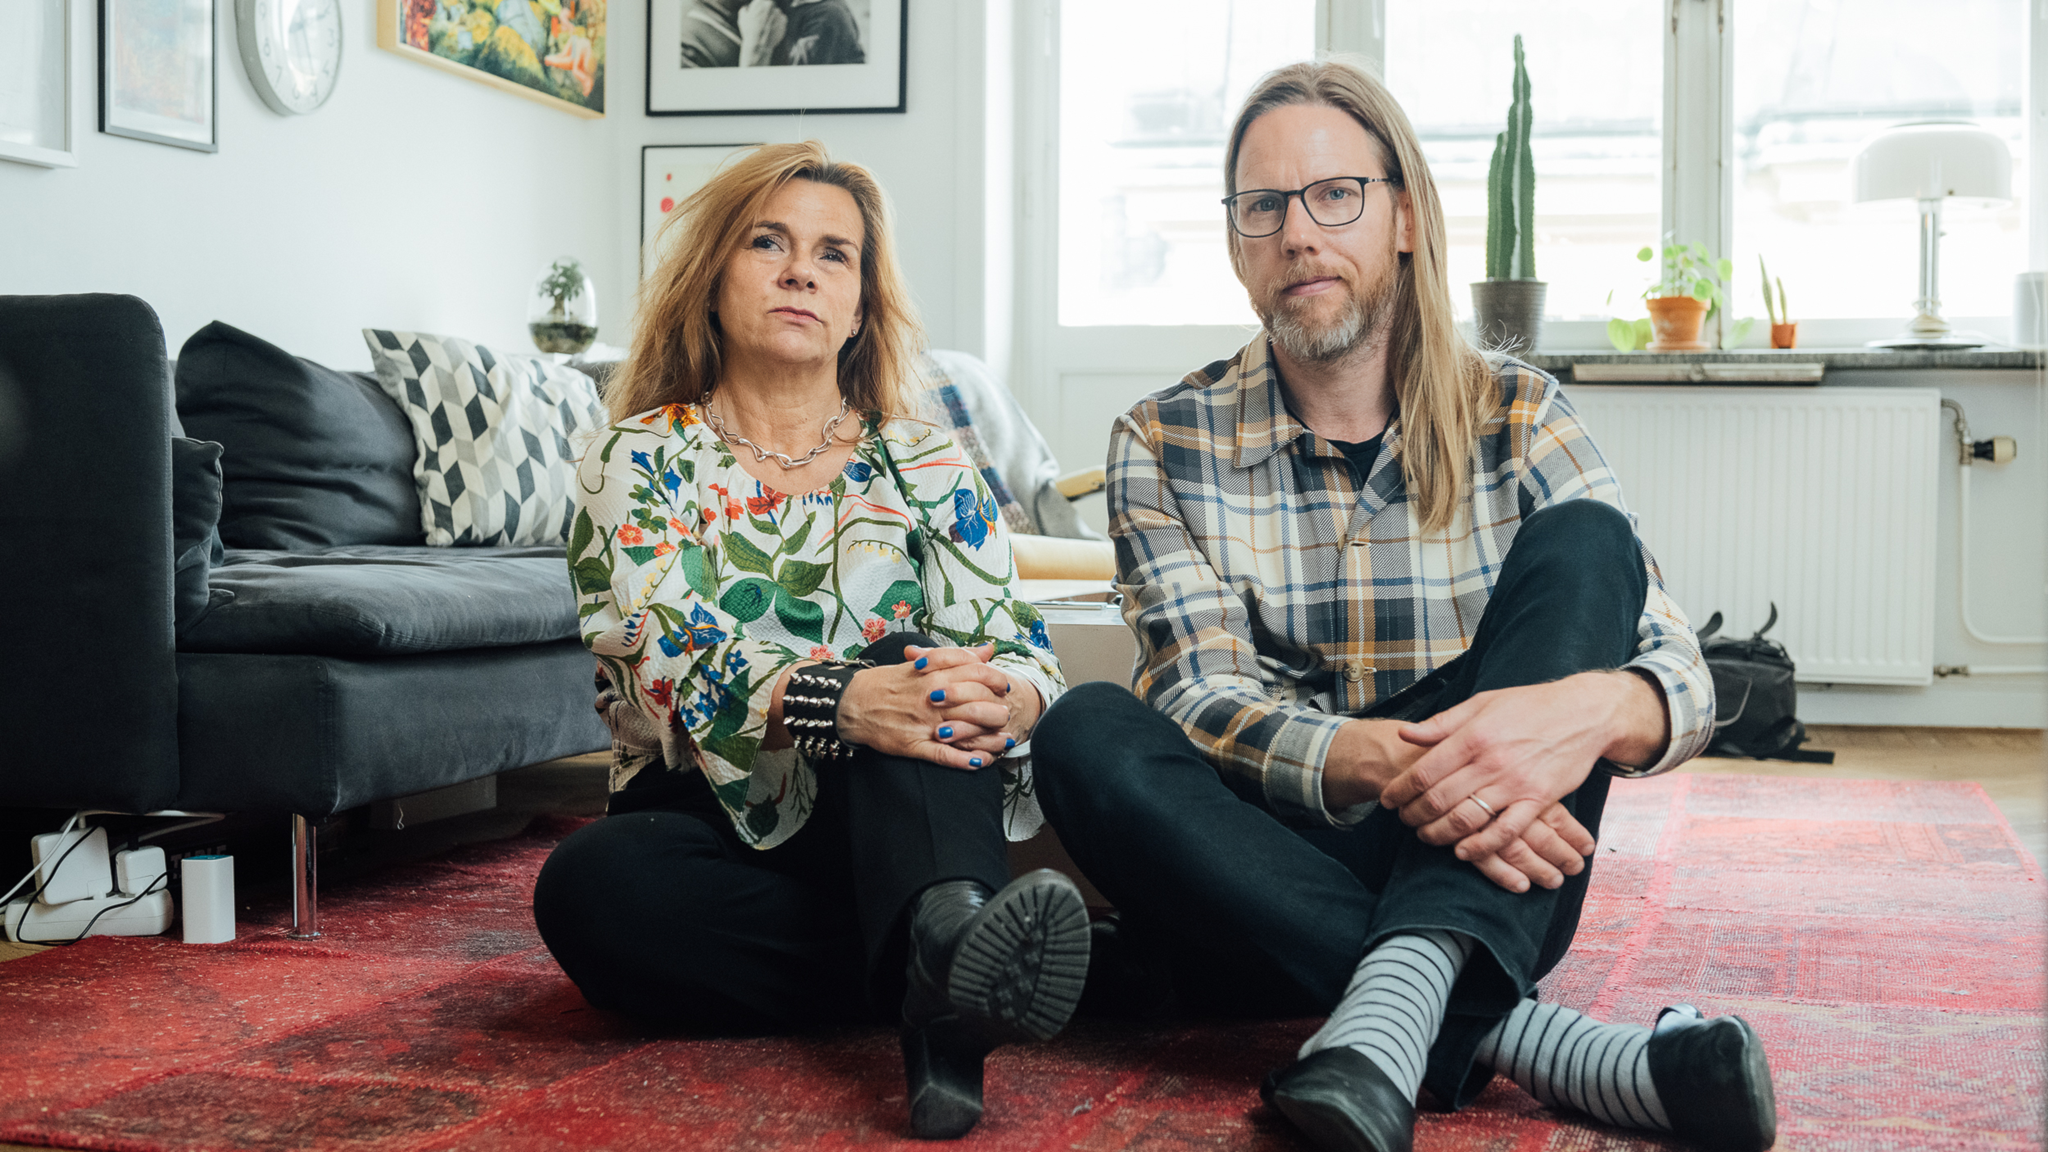 Katarina Hahr möter podcastaren Kristoffer Triumf